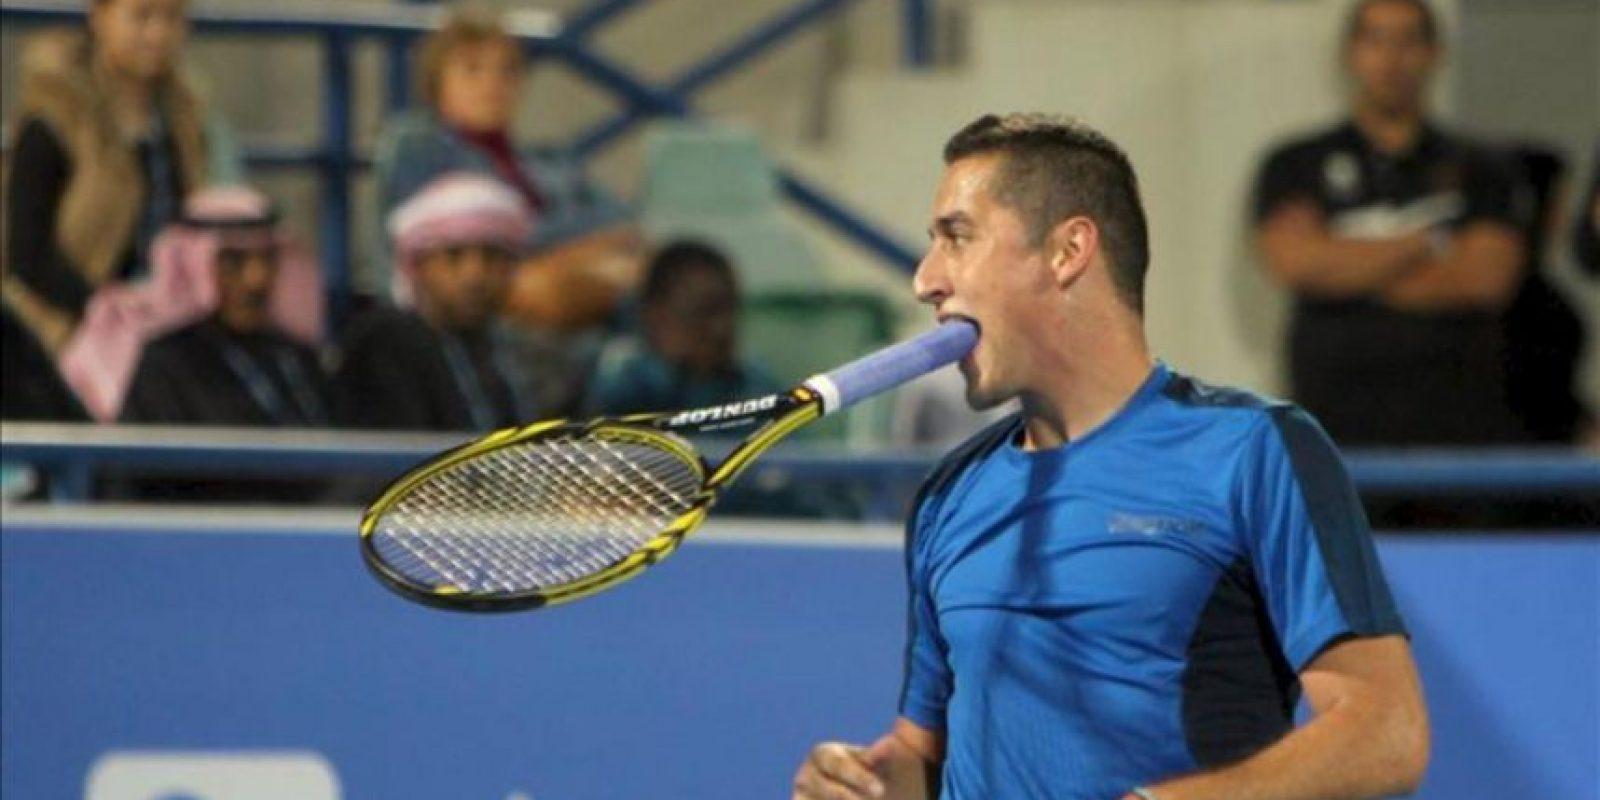 El tenista español Nicolás Almagro, hoy durante el partido contra el serbio Novak Djokovic, en el torneo de Abu Dabi. EFE